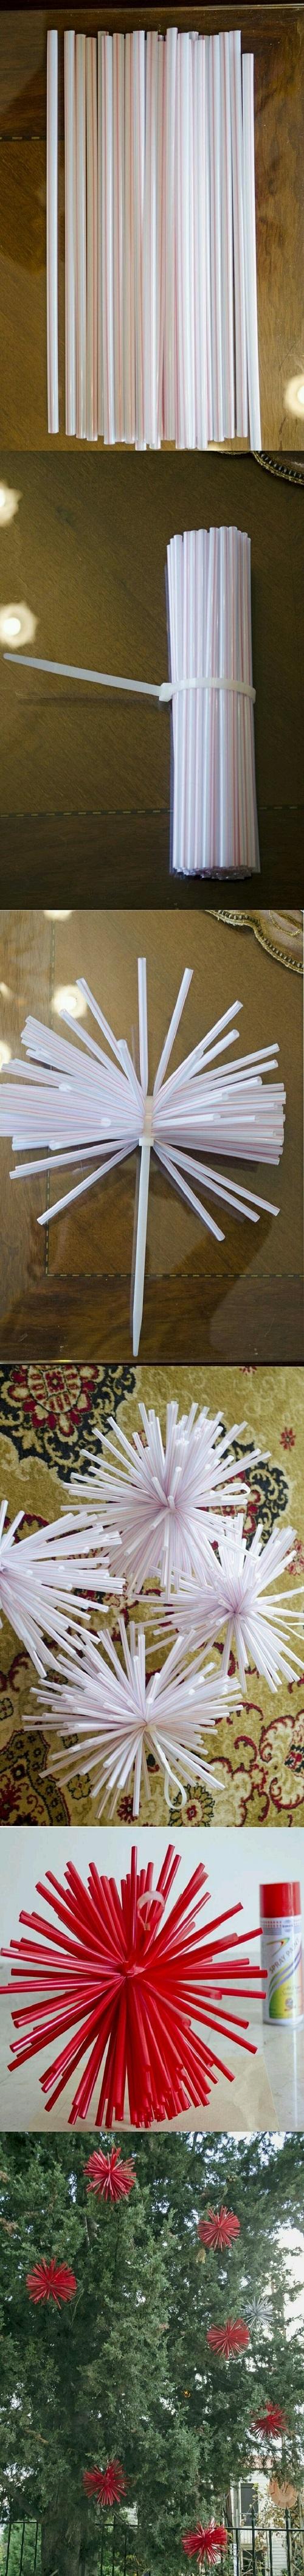 Pipetten Dekoratif Süs Yapımı